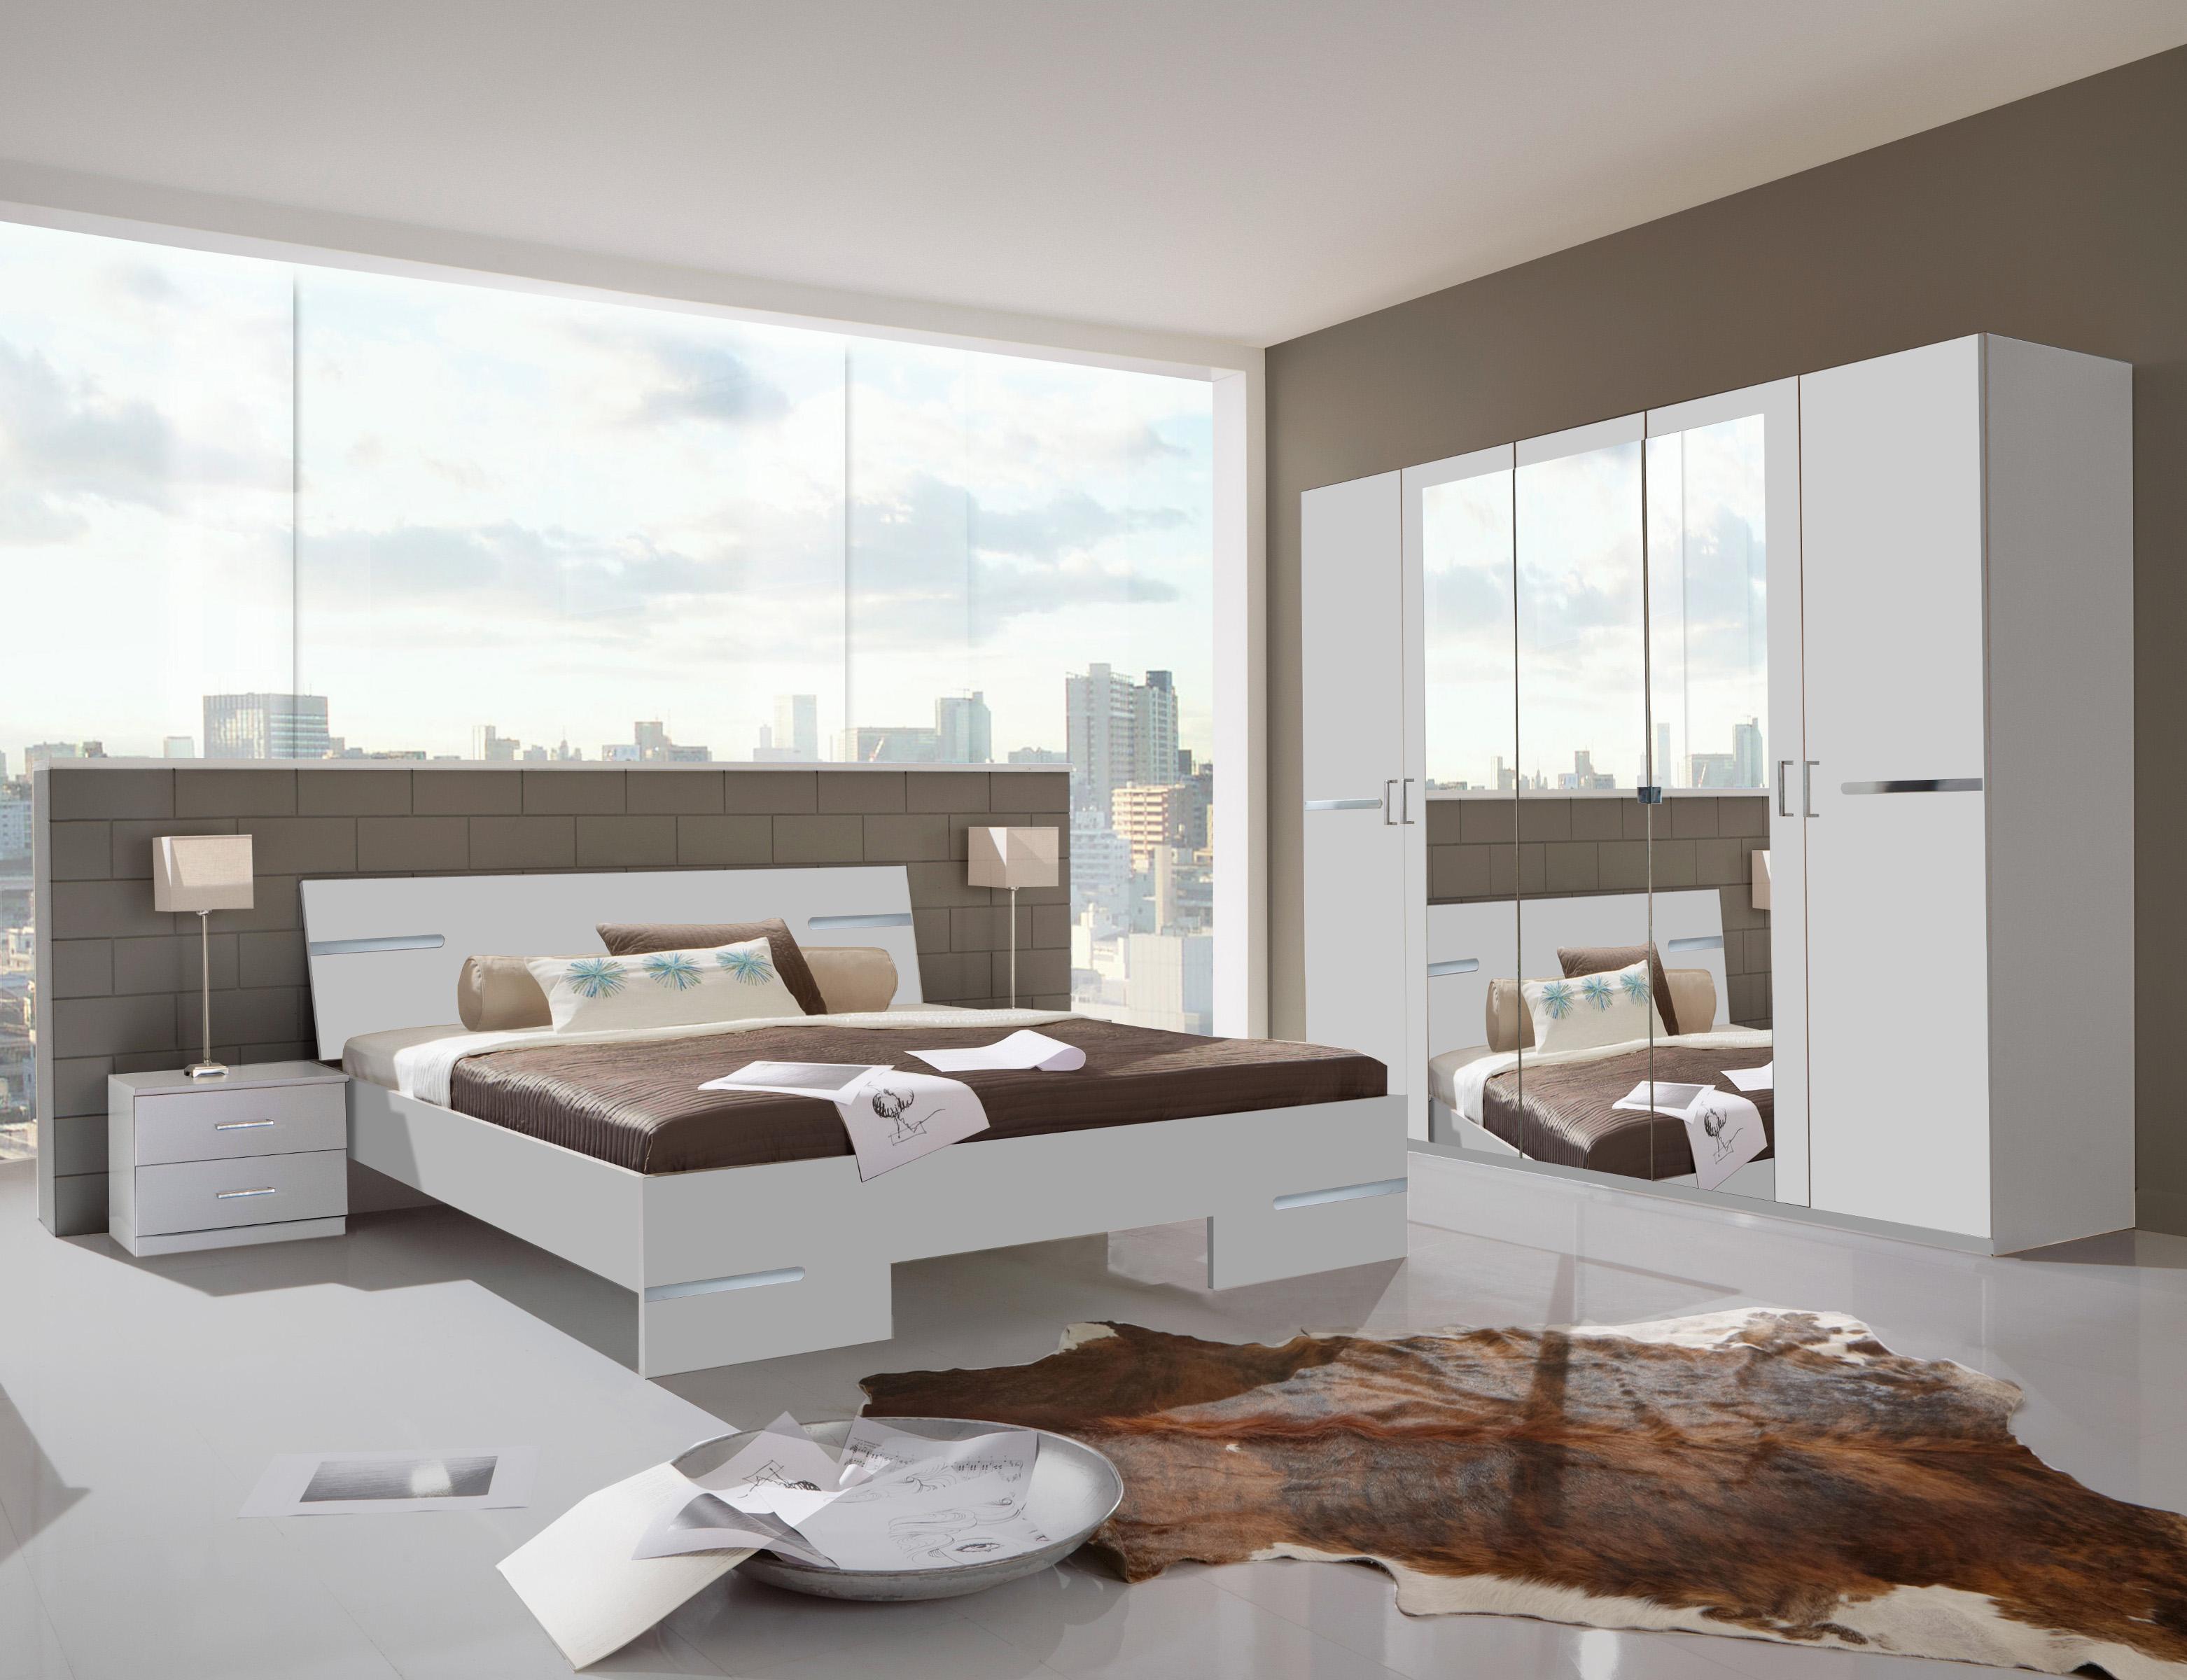 Wimex schlafzimmer komplettangebot kleiderschrank bett 2x - Wimex schlafzimmer ...